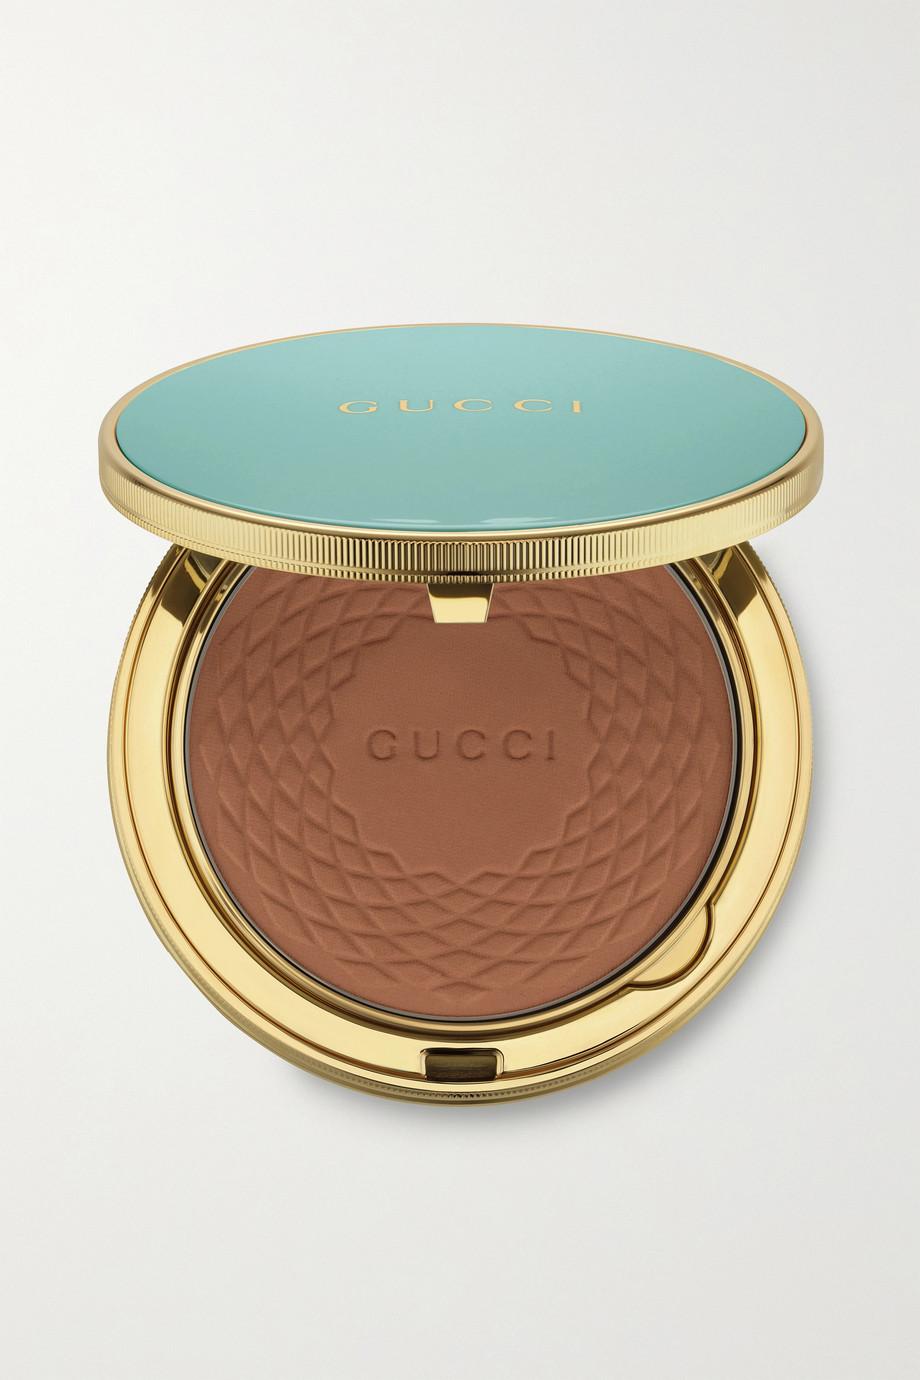 Gucci Beauty Poudre De Beauté Éclat Soleil - 04